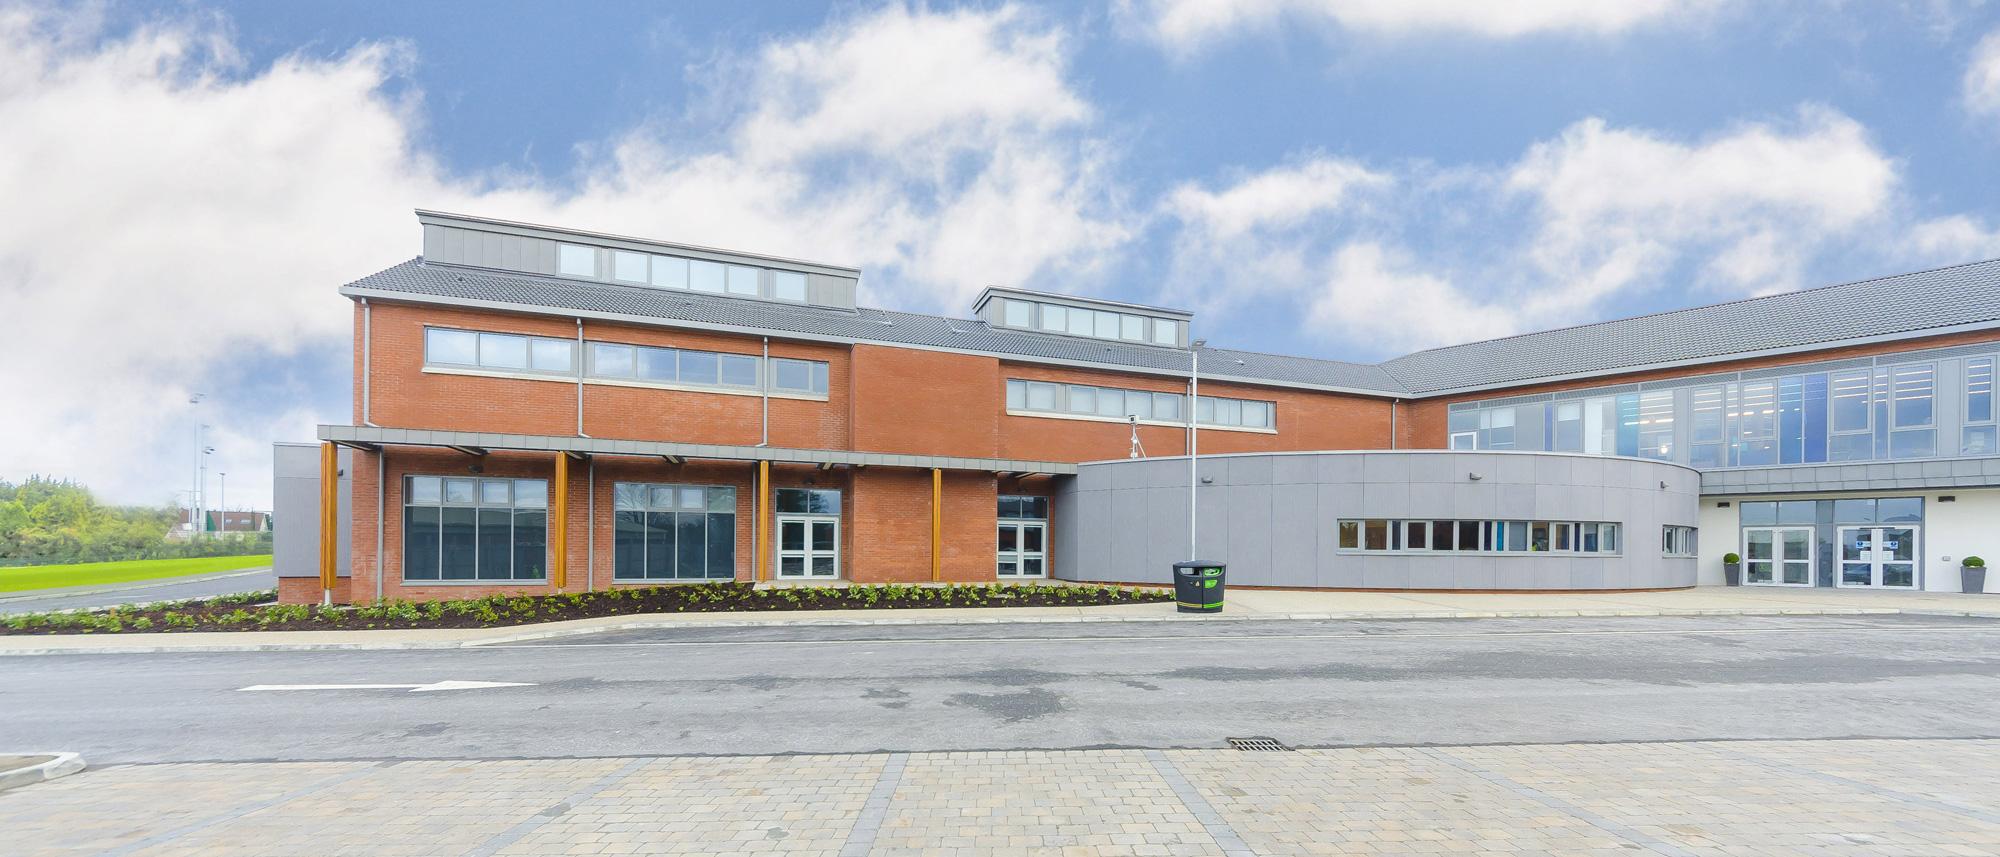 Strabane Academy